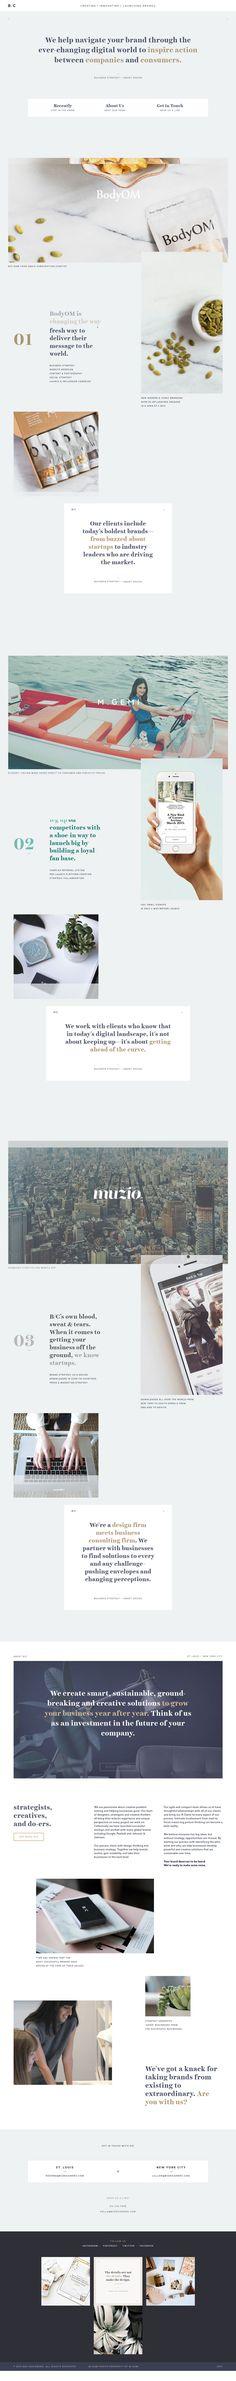 BC Designers - Creative Minimal Design